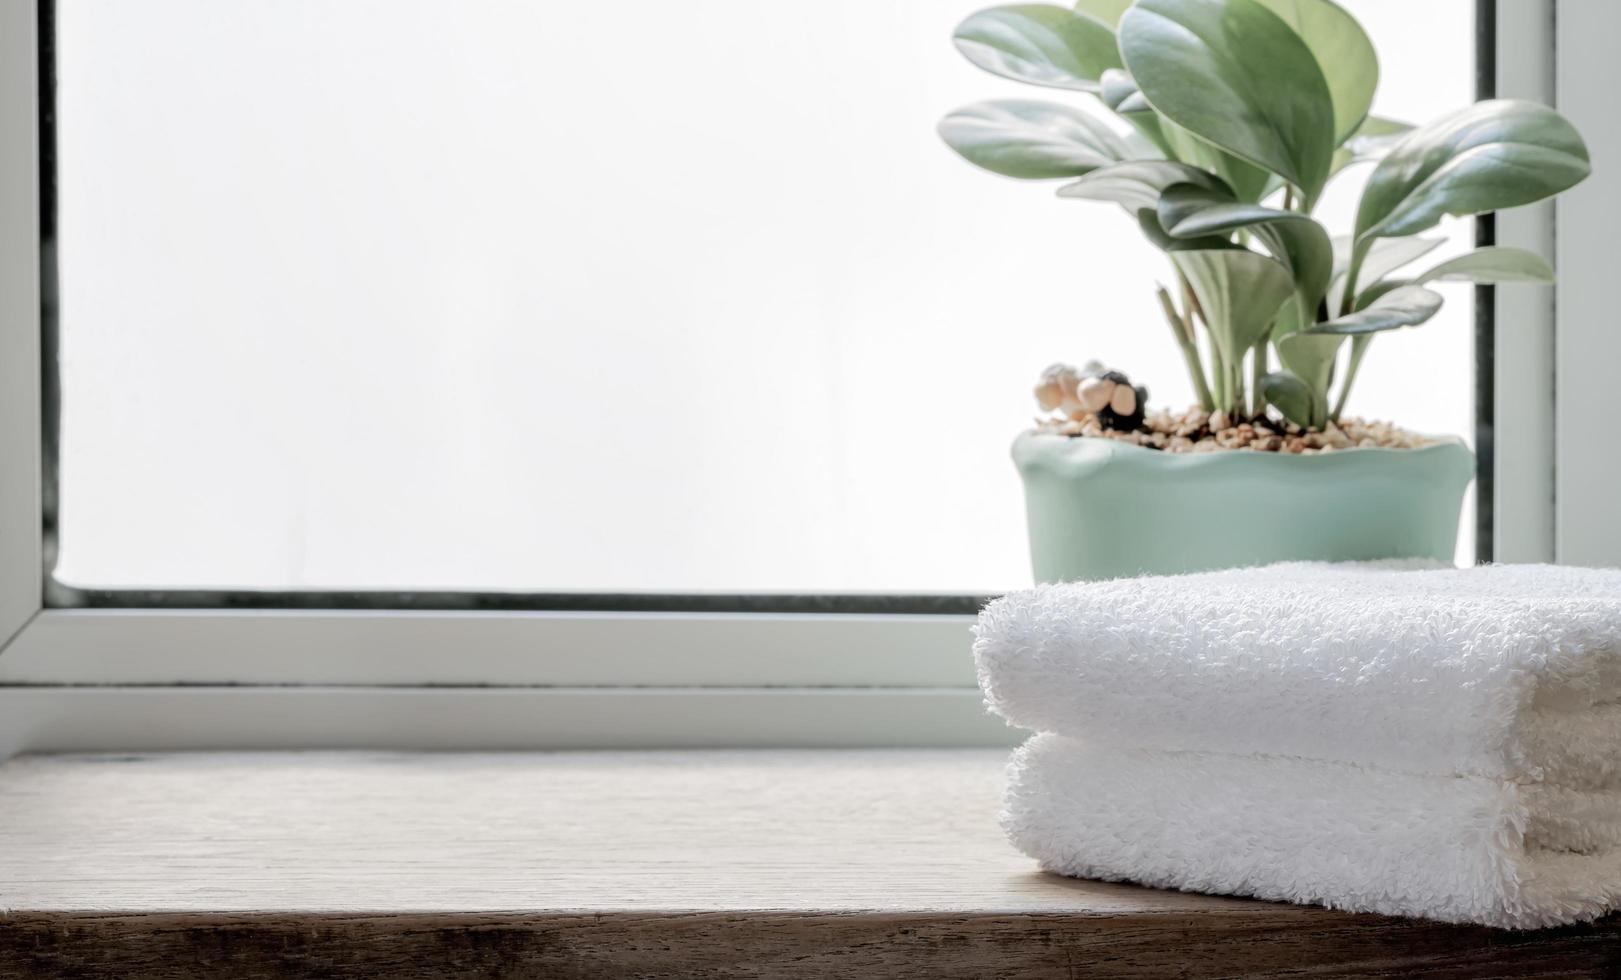 gefaltete saubere Handtücher mit Zimmerpflanze auf Holztisch foto